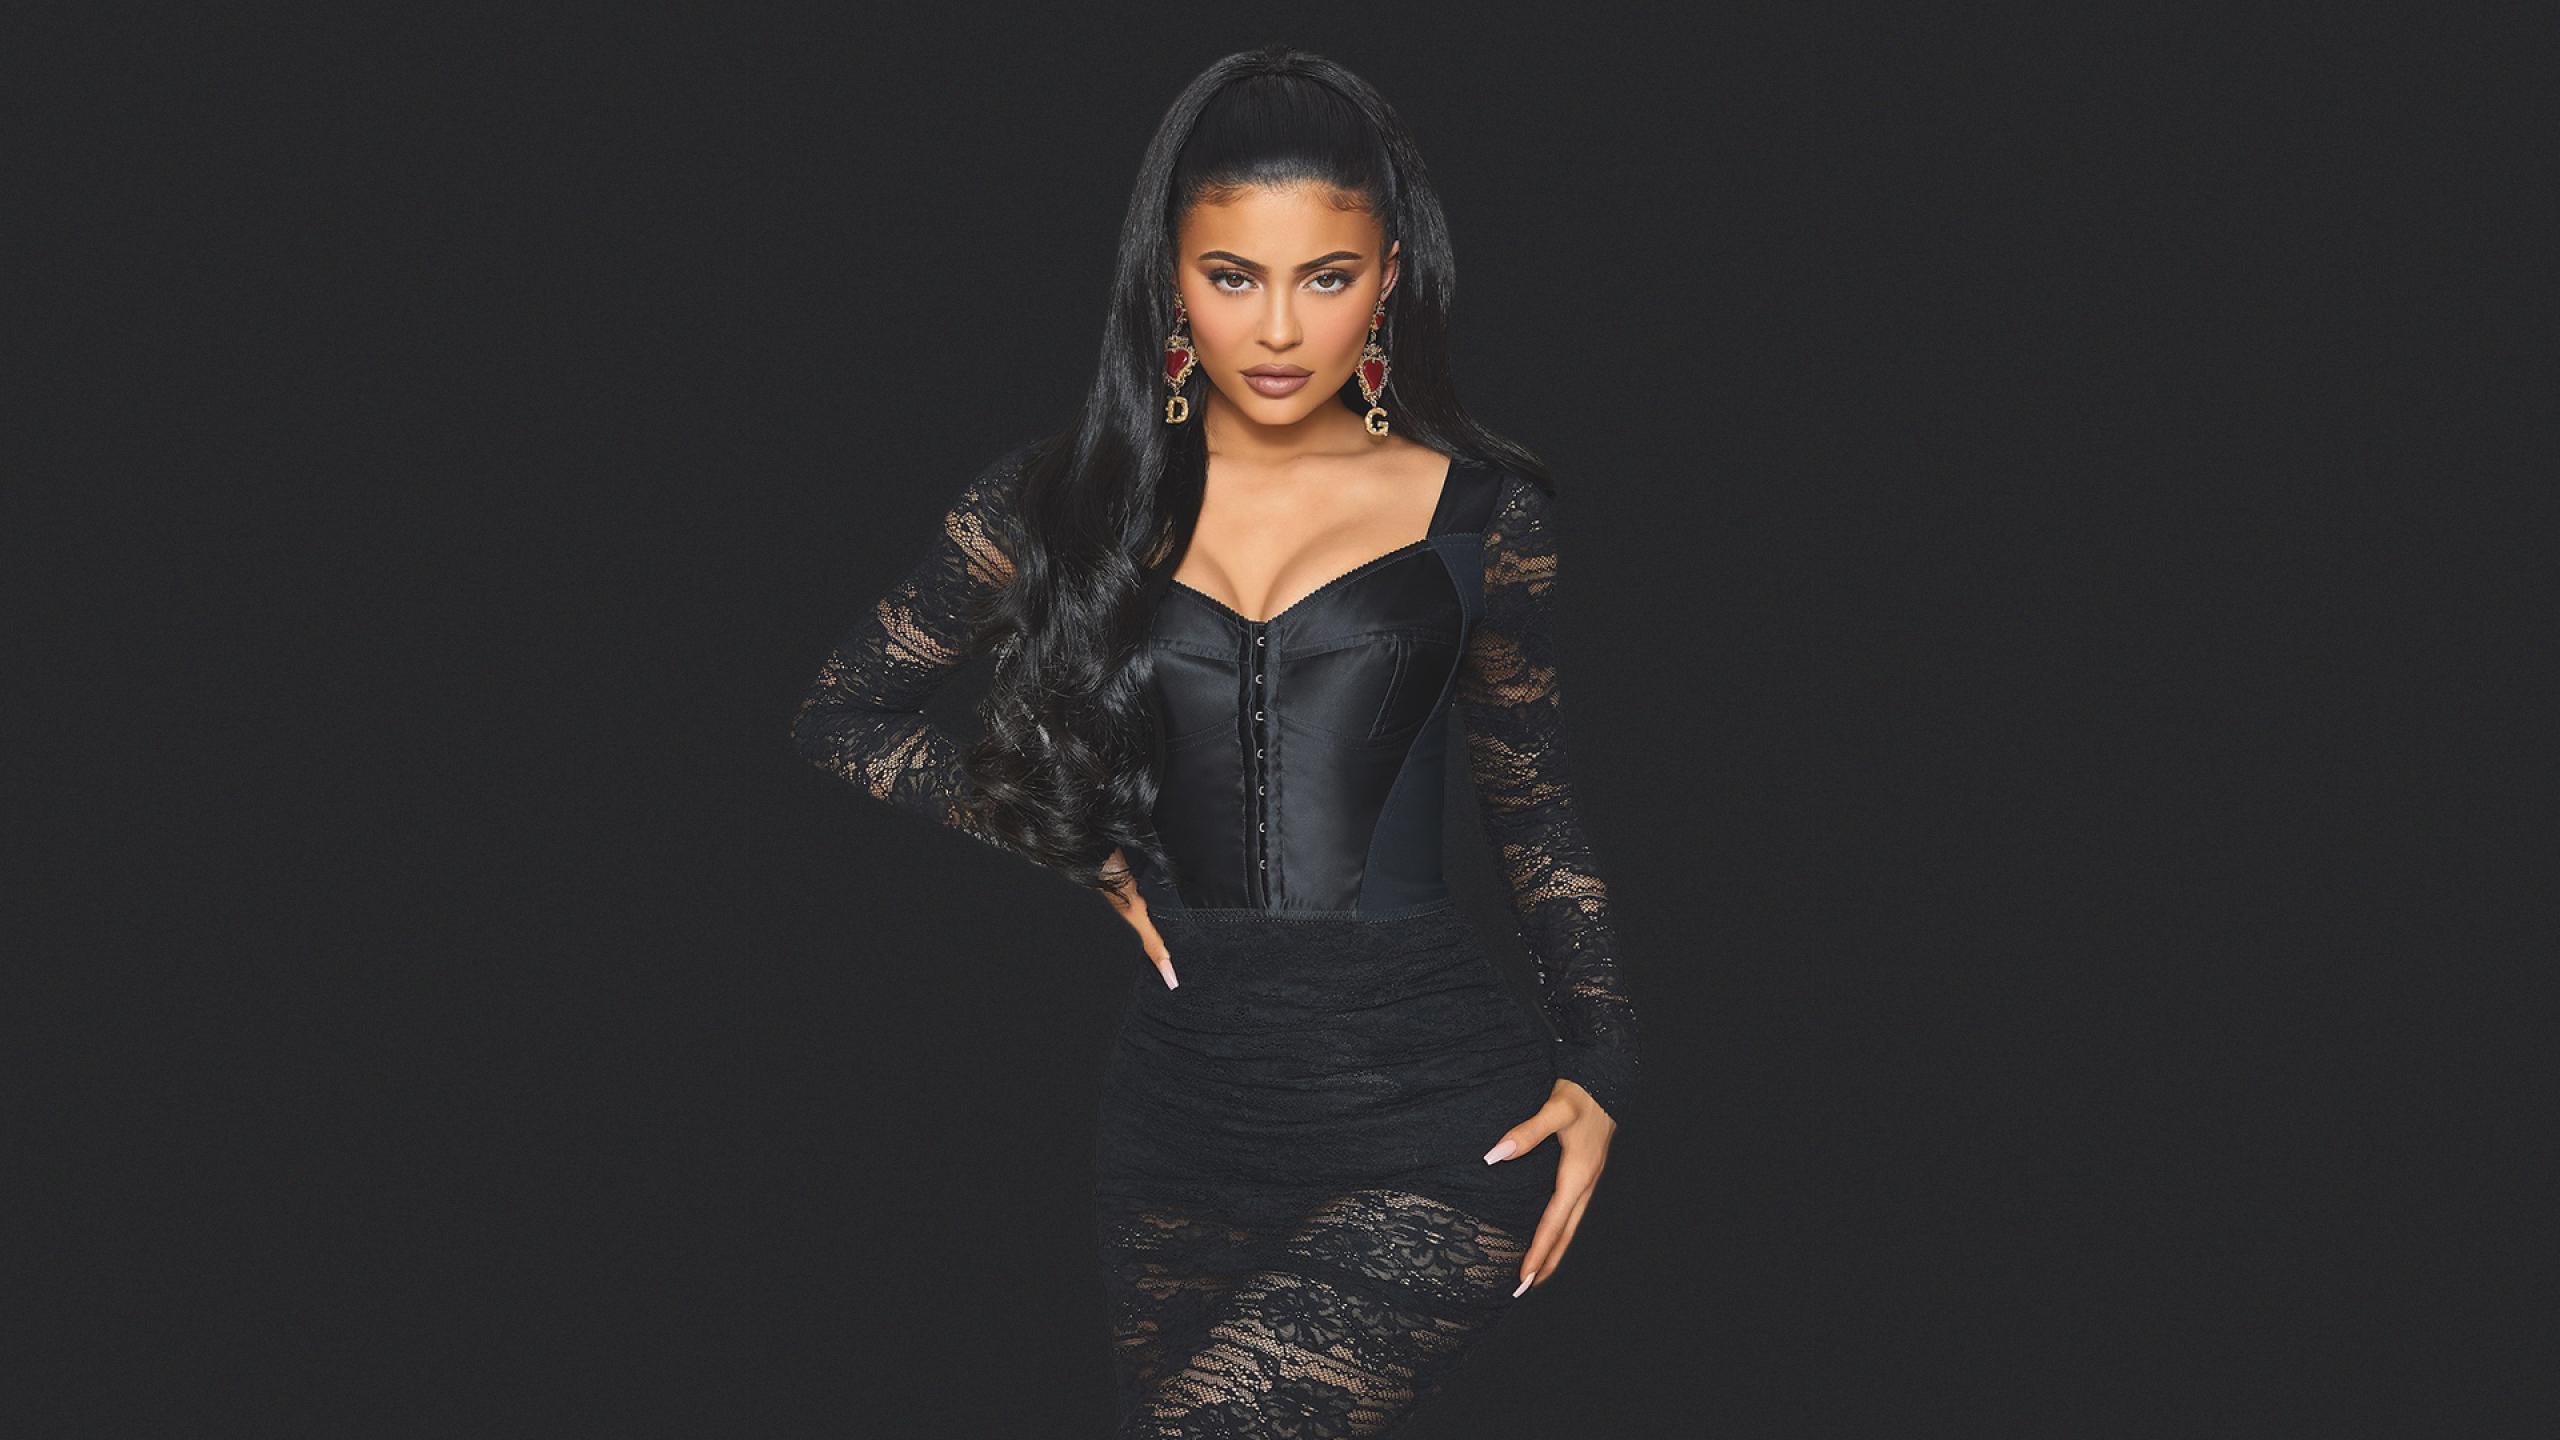 2560x1440 Kylie Jenner 2019 1440P Resolution Wallpaper, HD ...